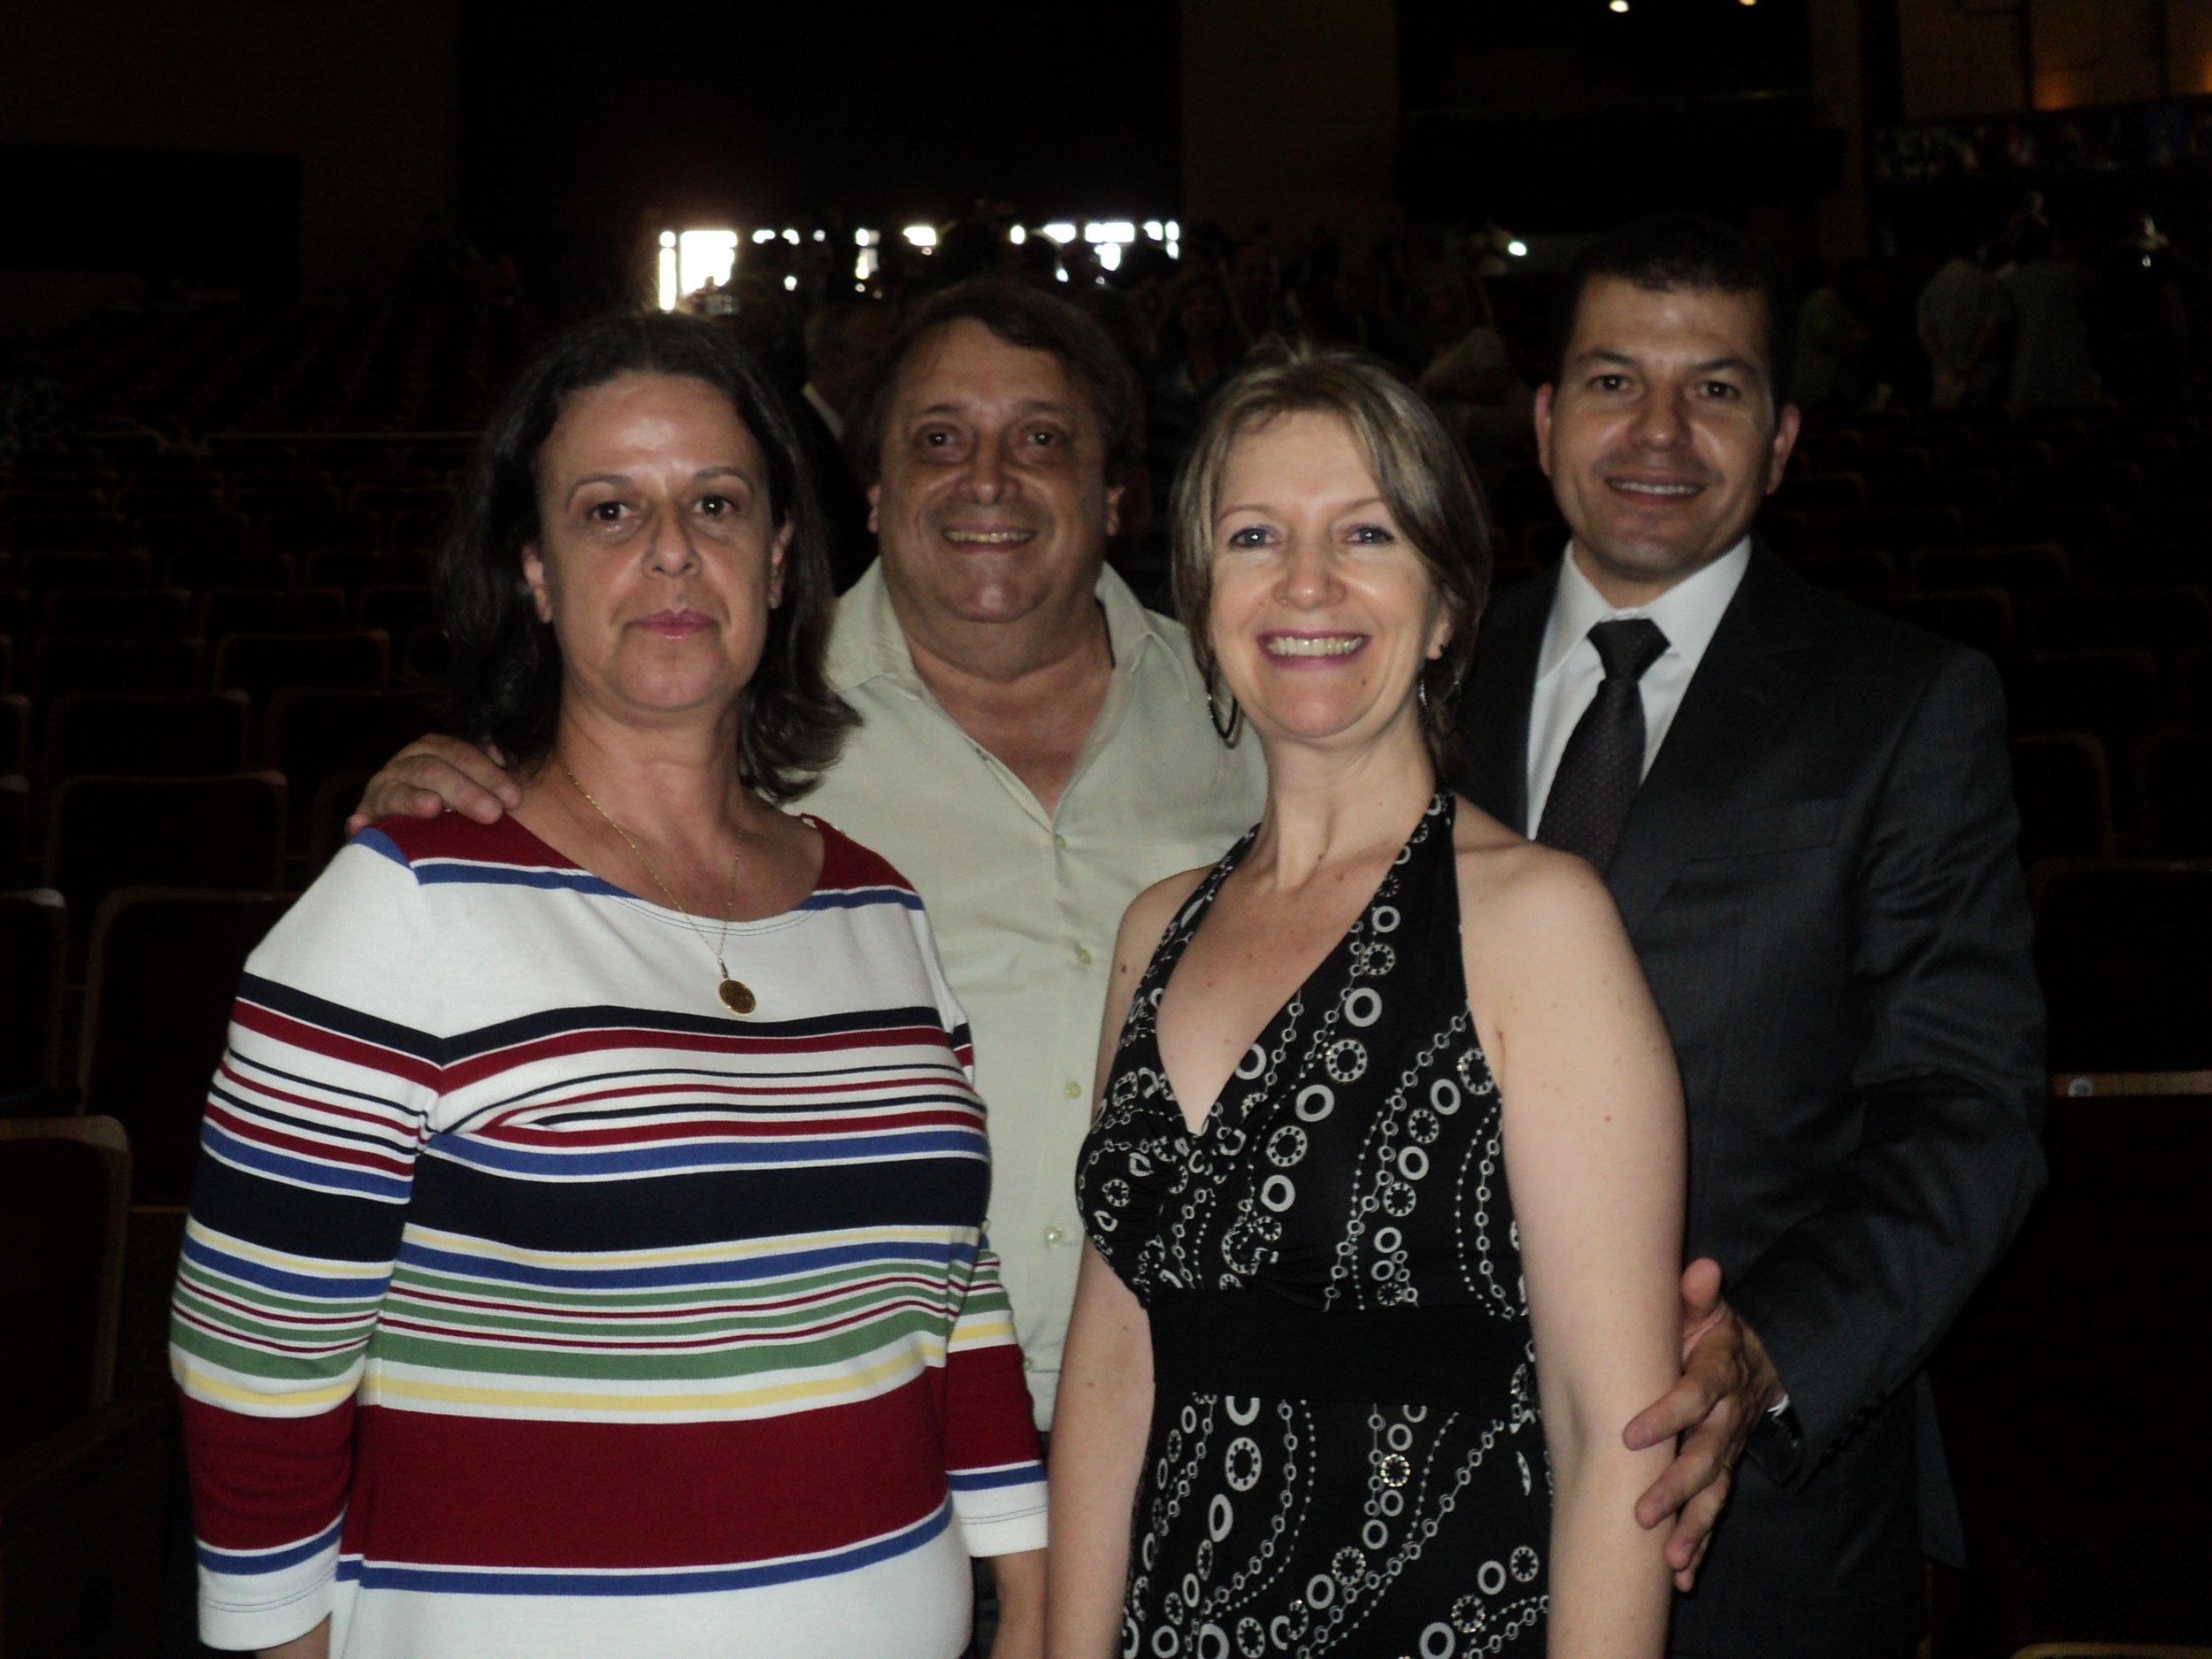 Diplomação Vereador 2012 - Teatro Positivo 18.12 (8).JPG